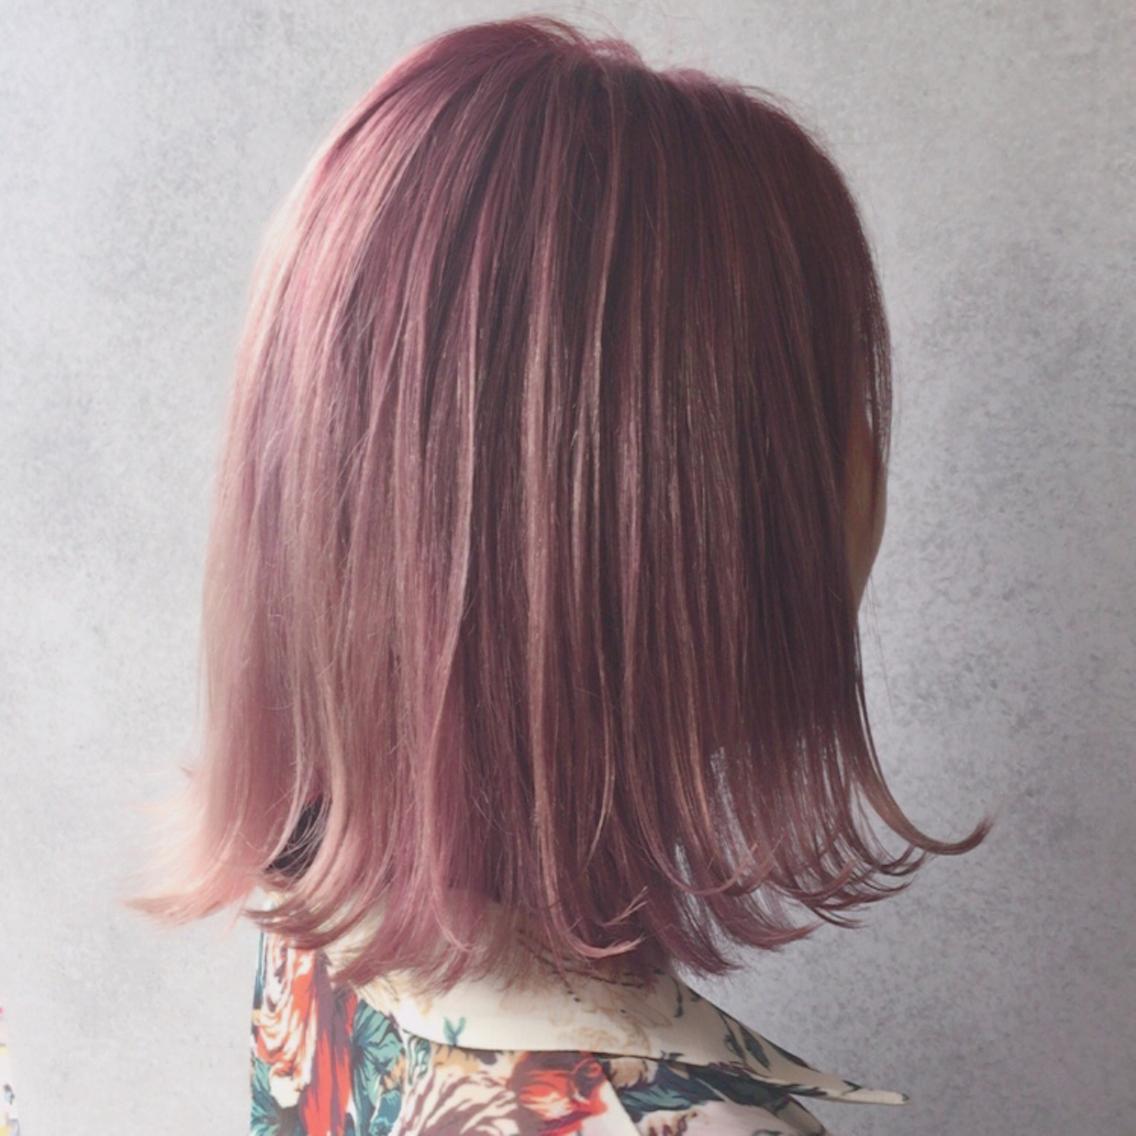 ボブ カラー ピンクアッシュ